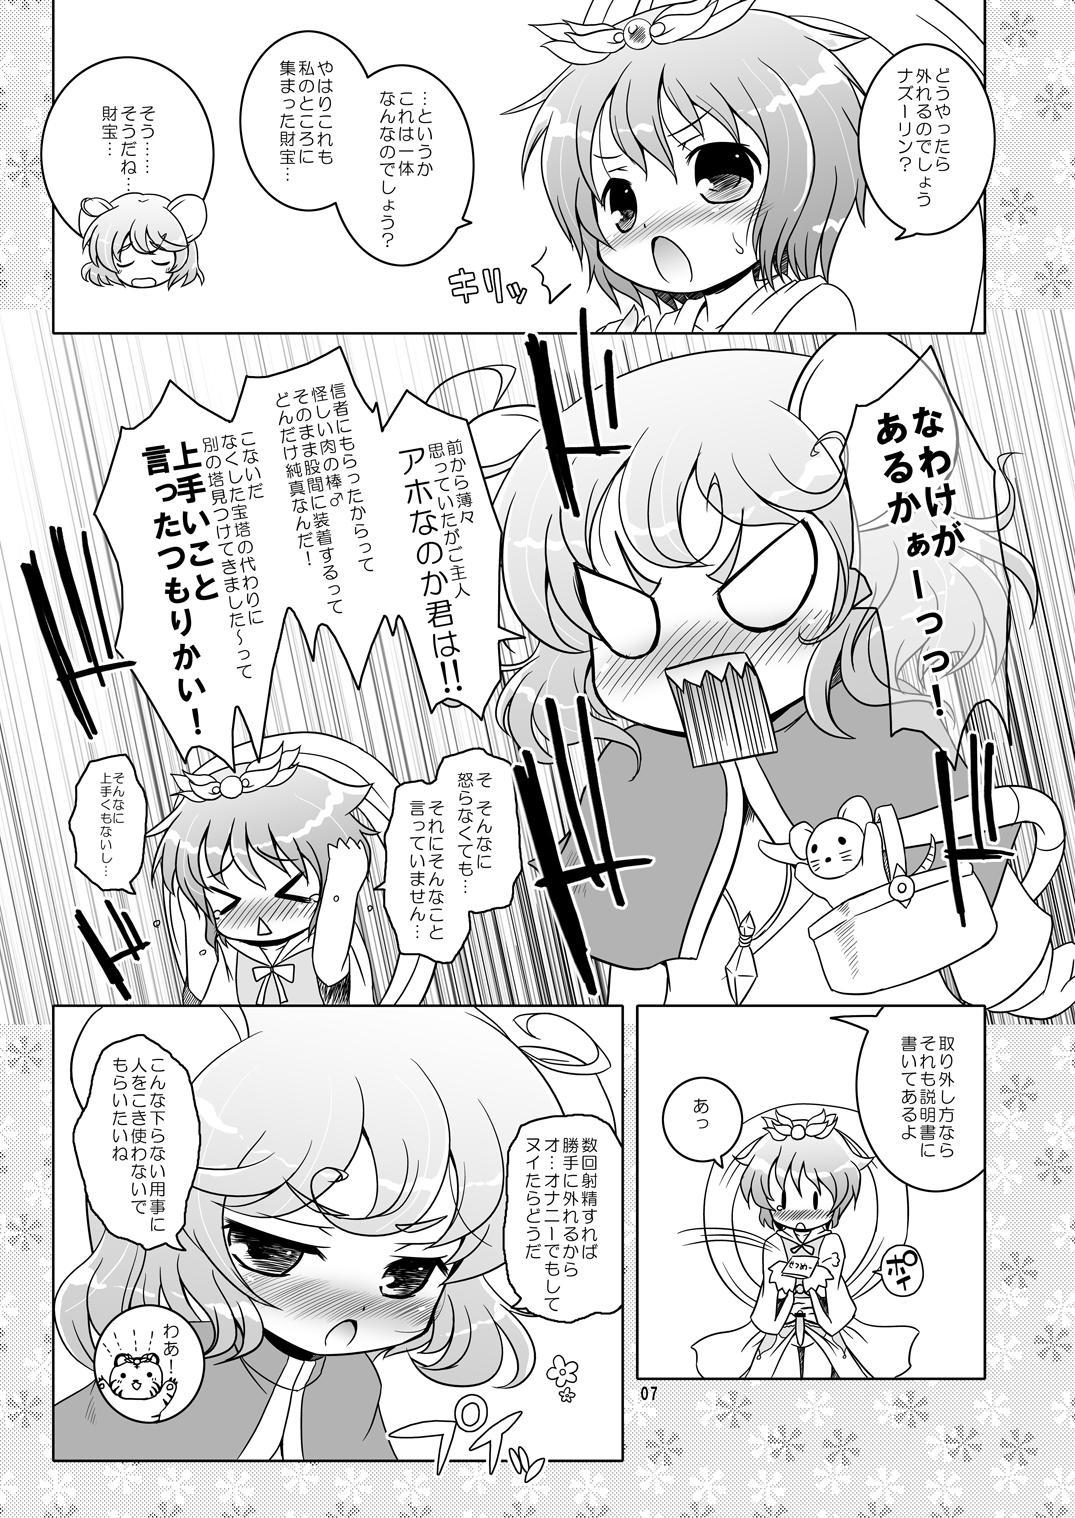 Watashi no Nazrin 5